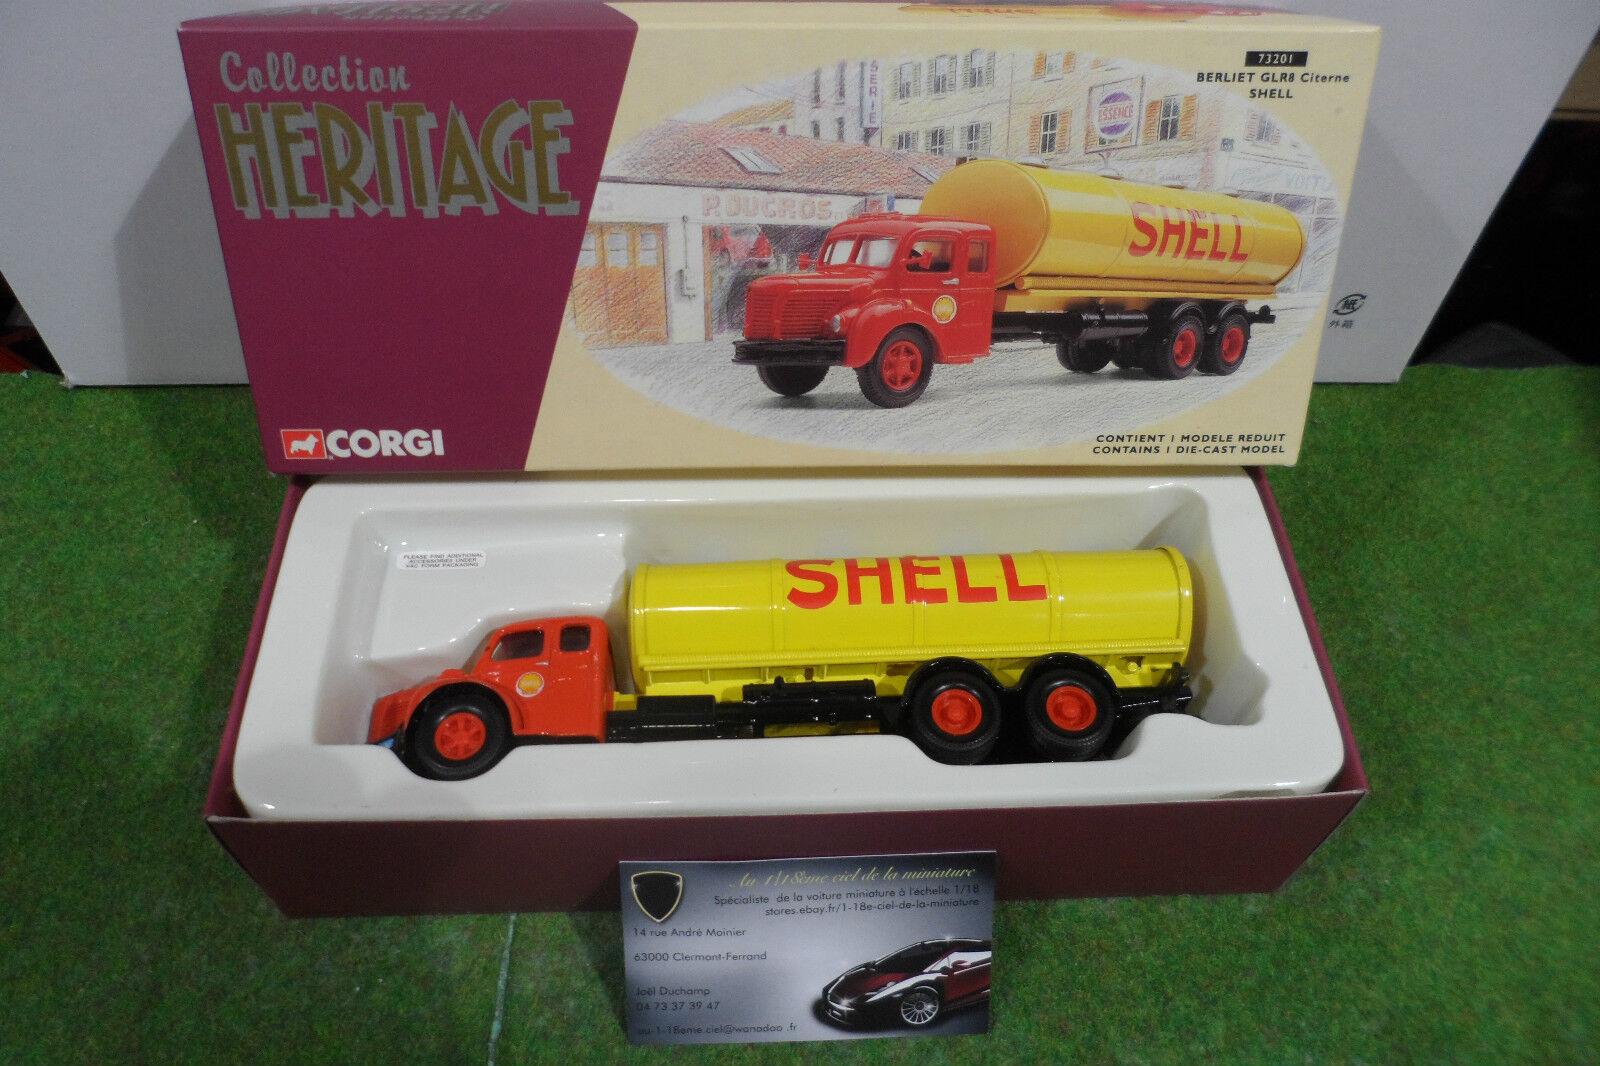 primera vez respuesta CAMION    CITERNE BERLIET GLR8 SHELL jne rge 1 50 CORGI 73201 miniature collection  Las ventas en línea ahorran un 70%.